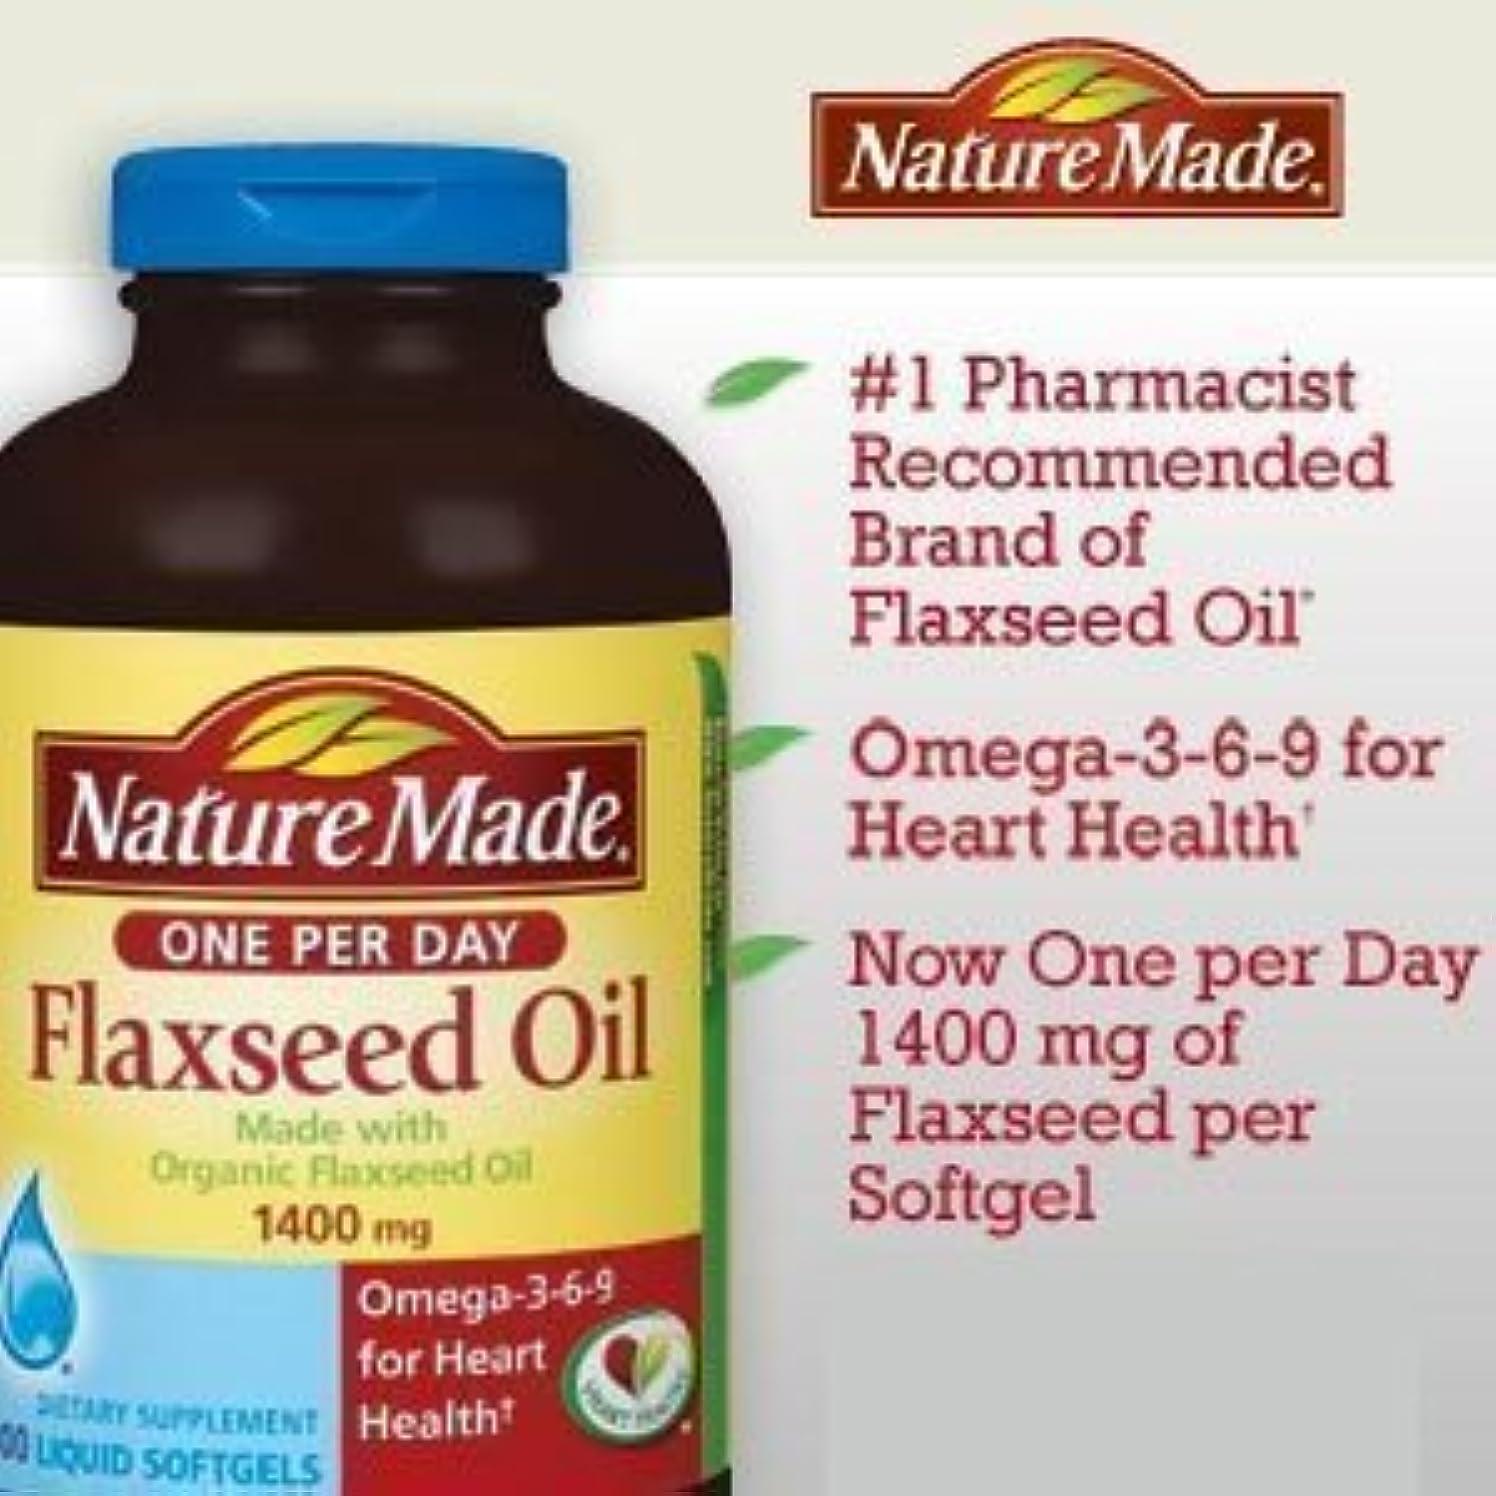 正しい空洞ラップトップNature Made Organic Flaxseed Oil, Omega-3-6-9 for Heart Health, 1400 mg, Liquid Softgels - 300 Count by USA [並行輸入品]